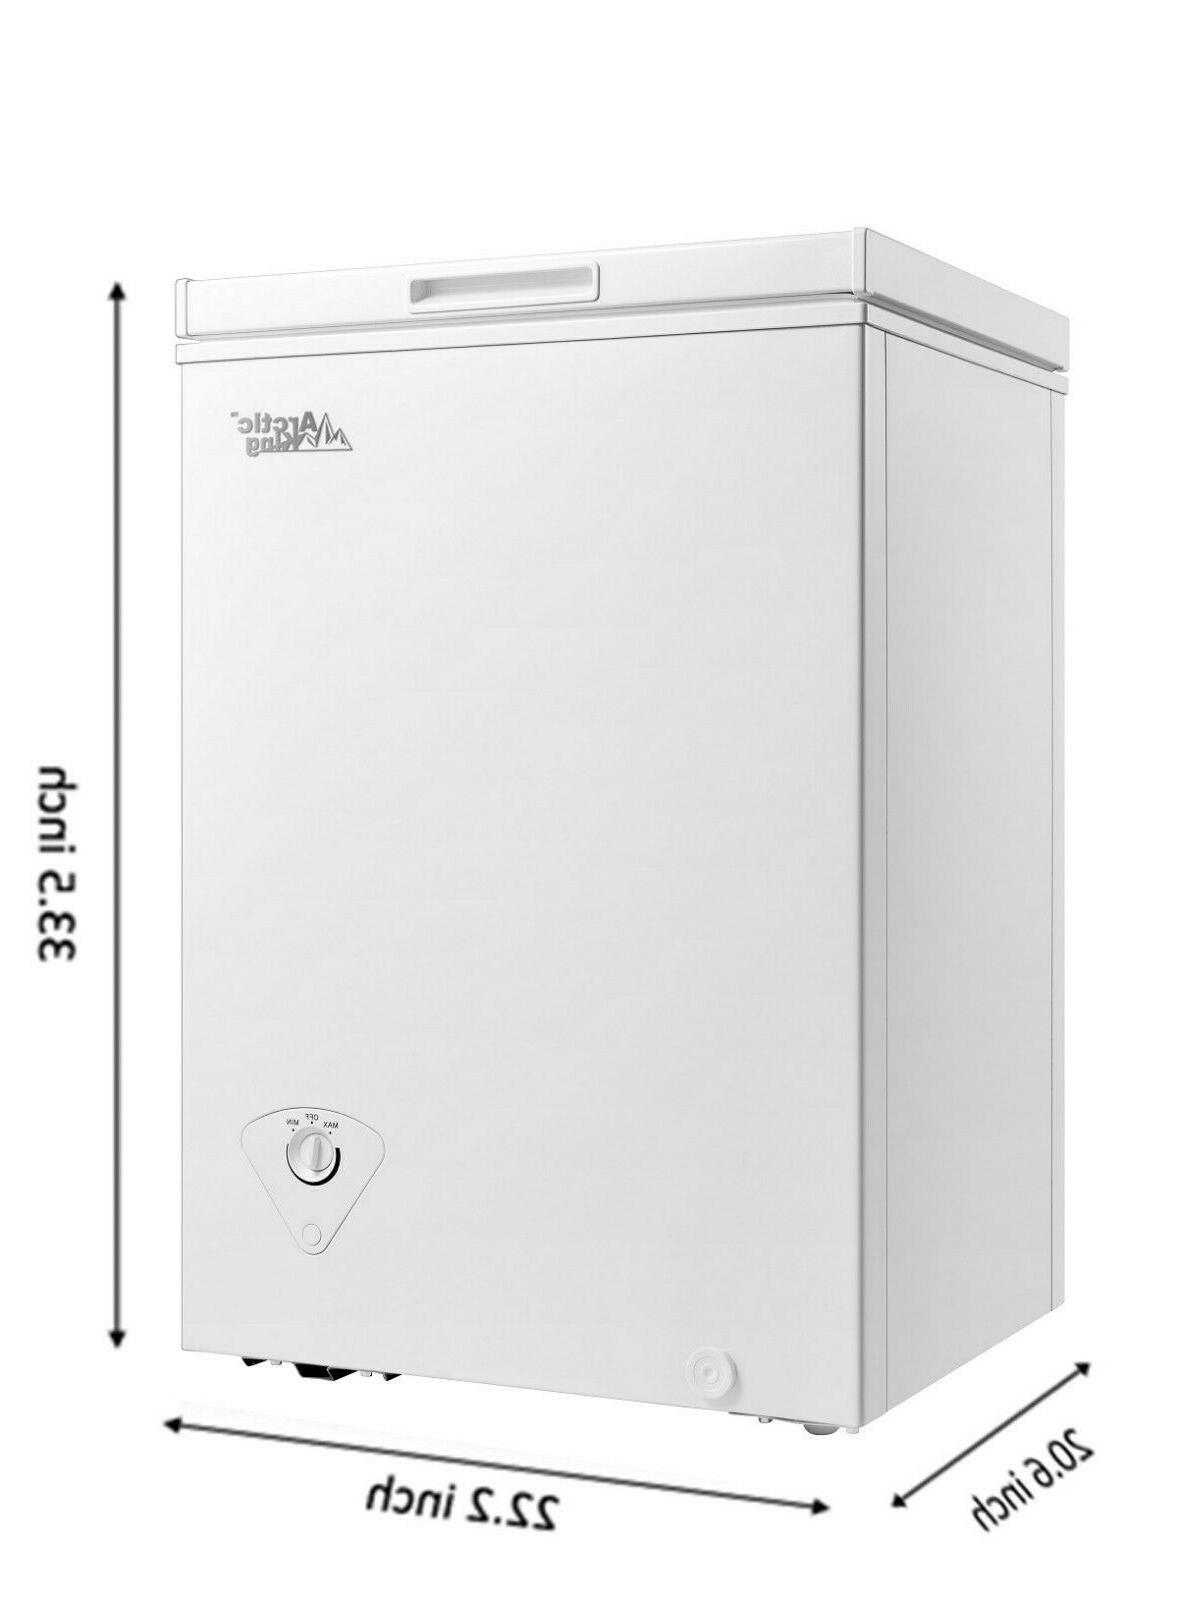 Koolatron 3.5 Chest Freezer White -